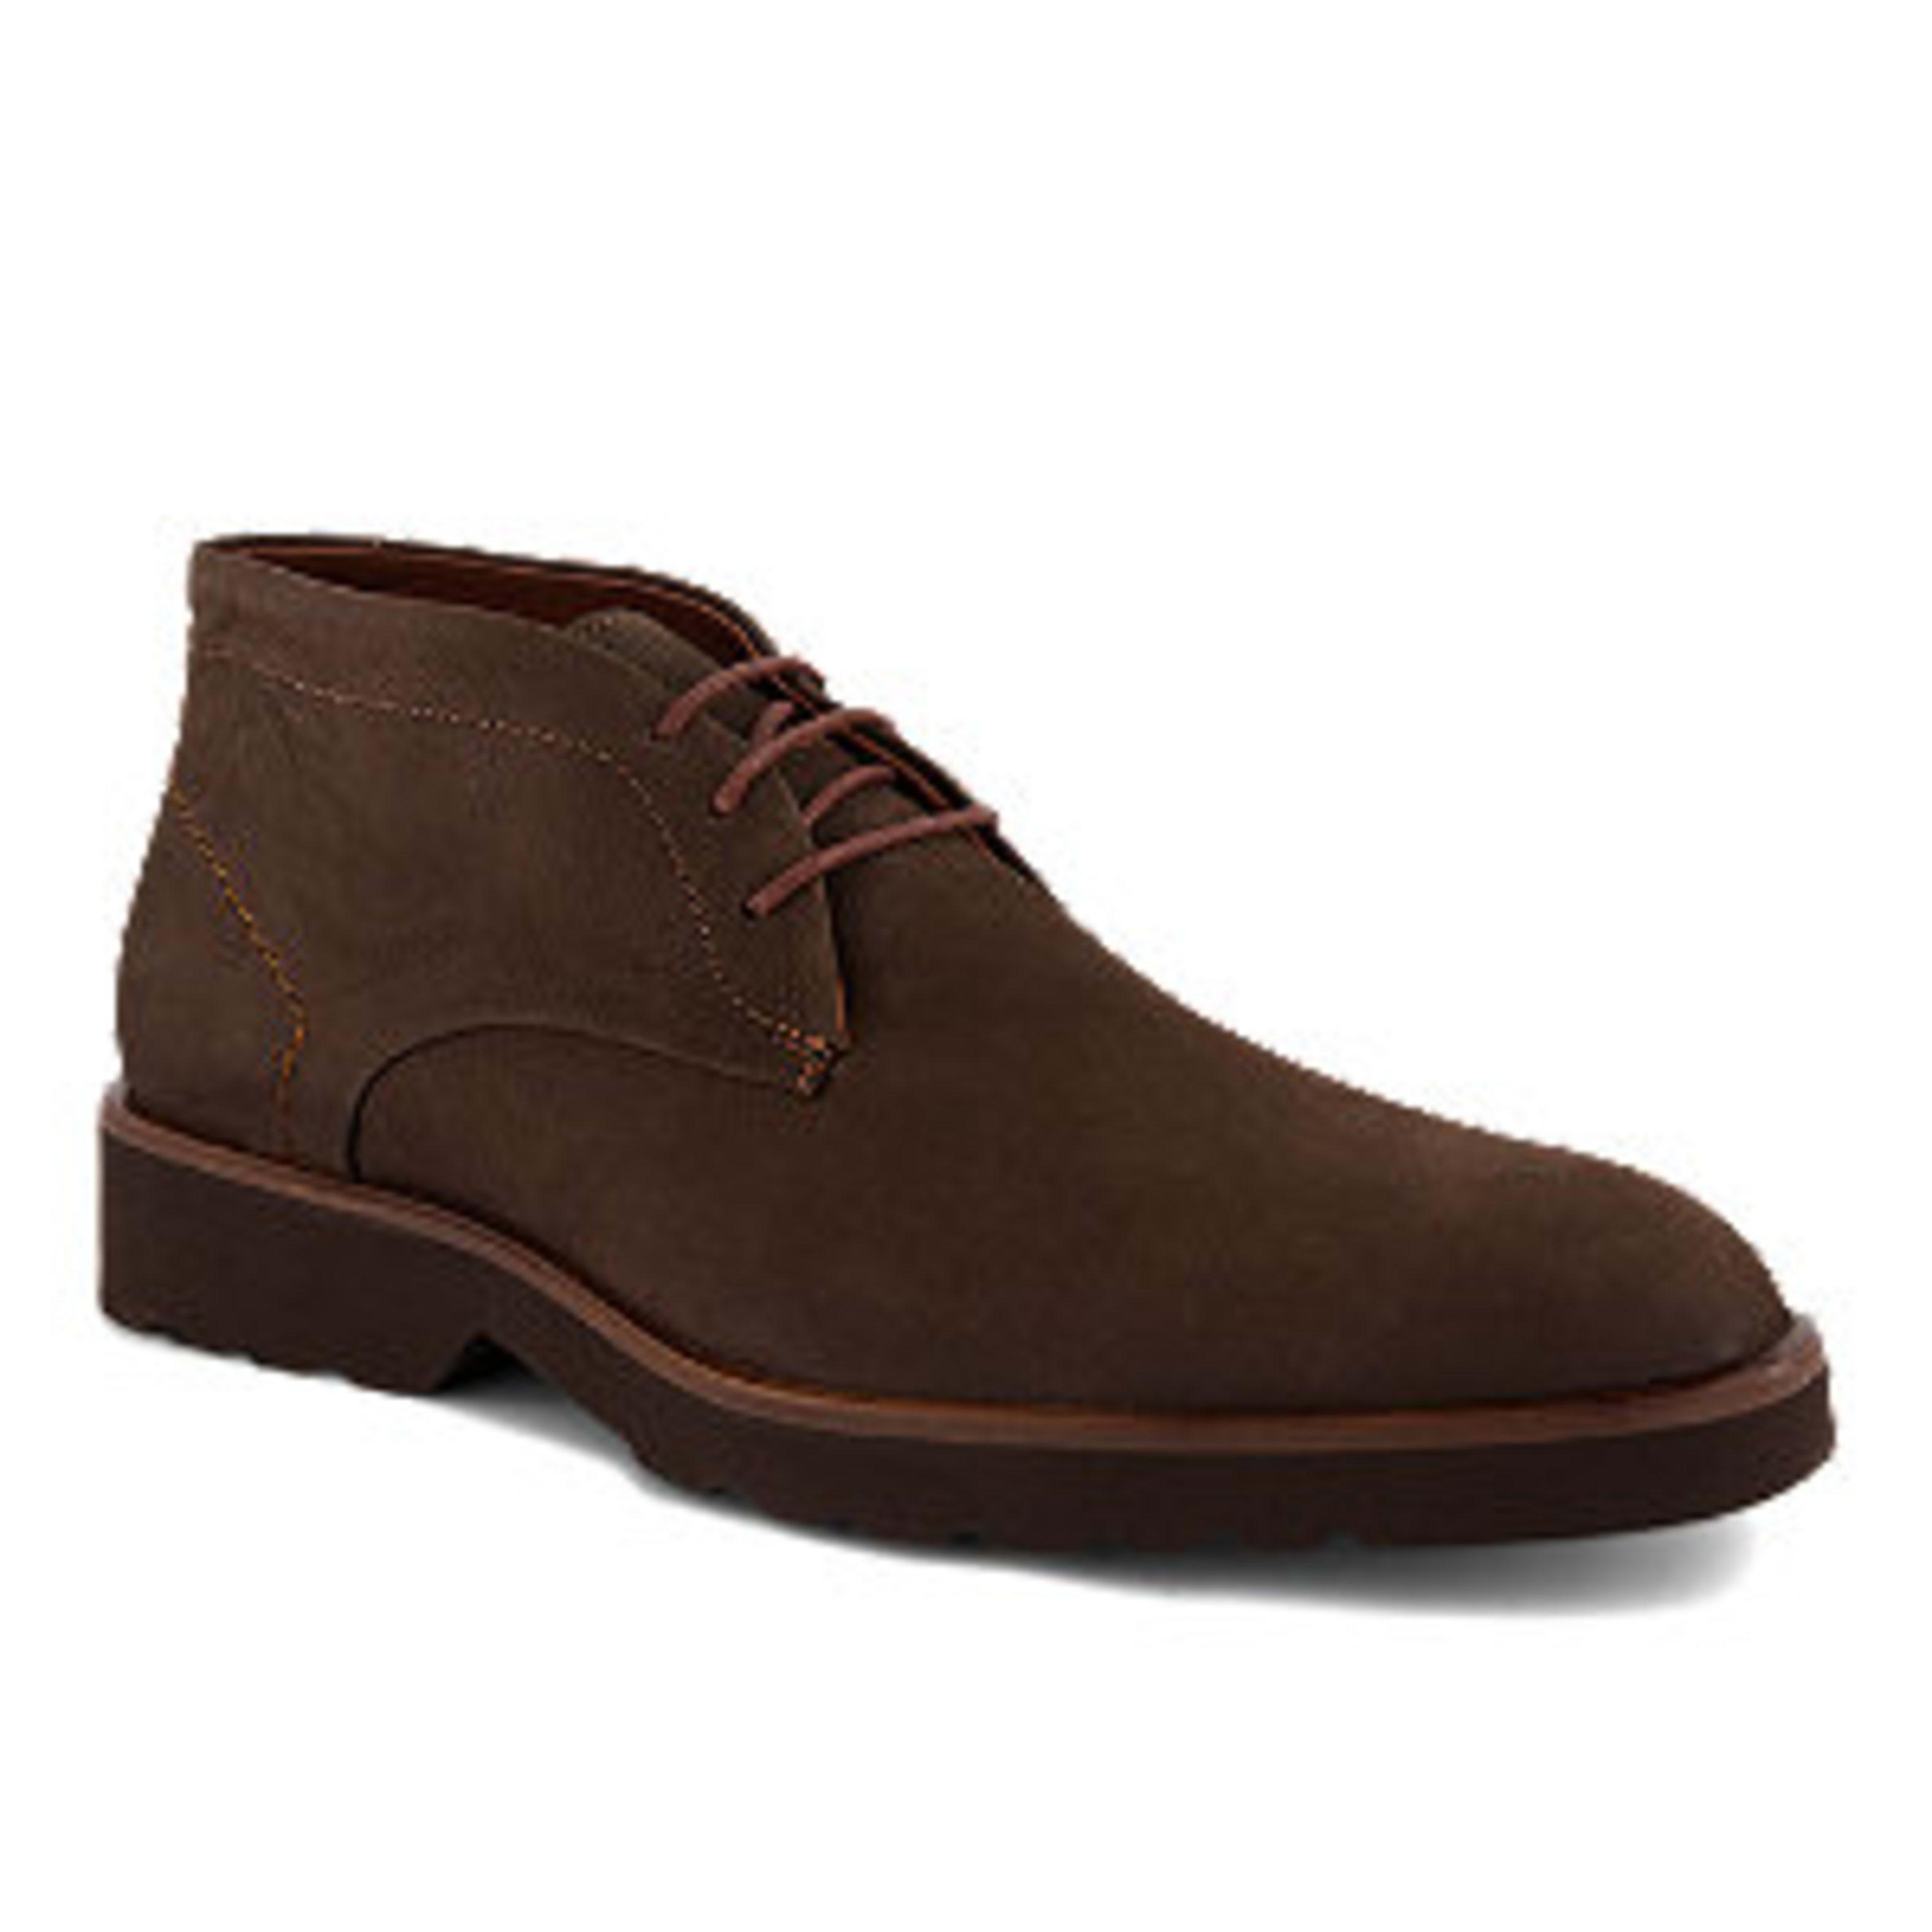 Varese Beto Herren Schnürschuh Braun | Varese Schuhe mit